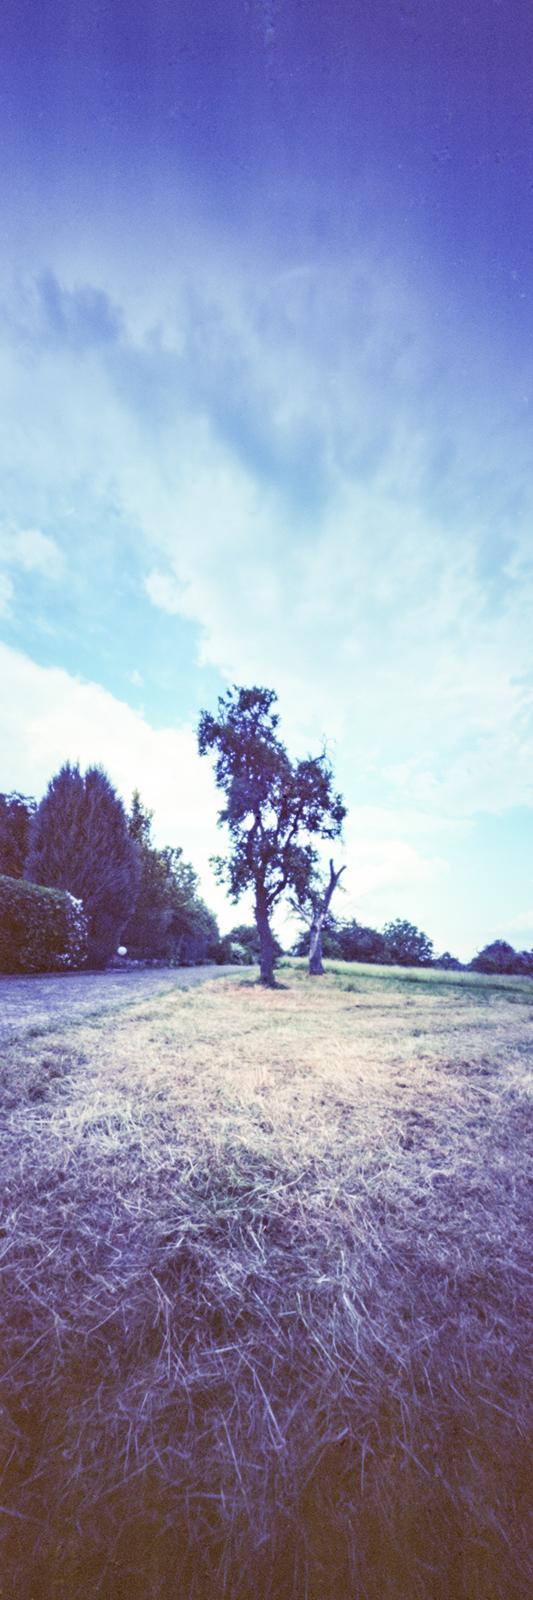 Panorama Wiese mit Baum aufgenommen mit einer Lochkamera